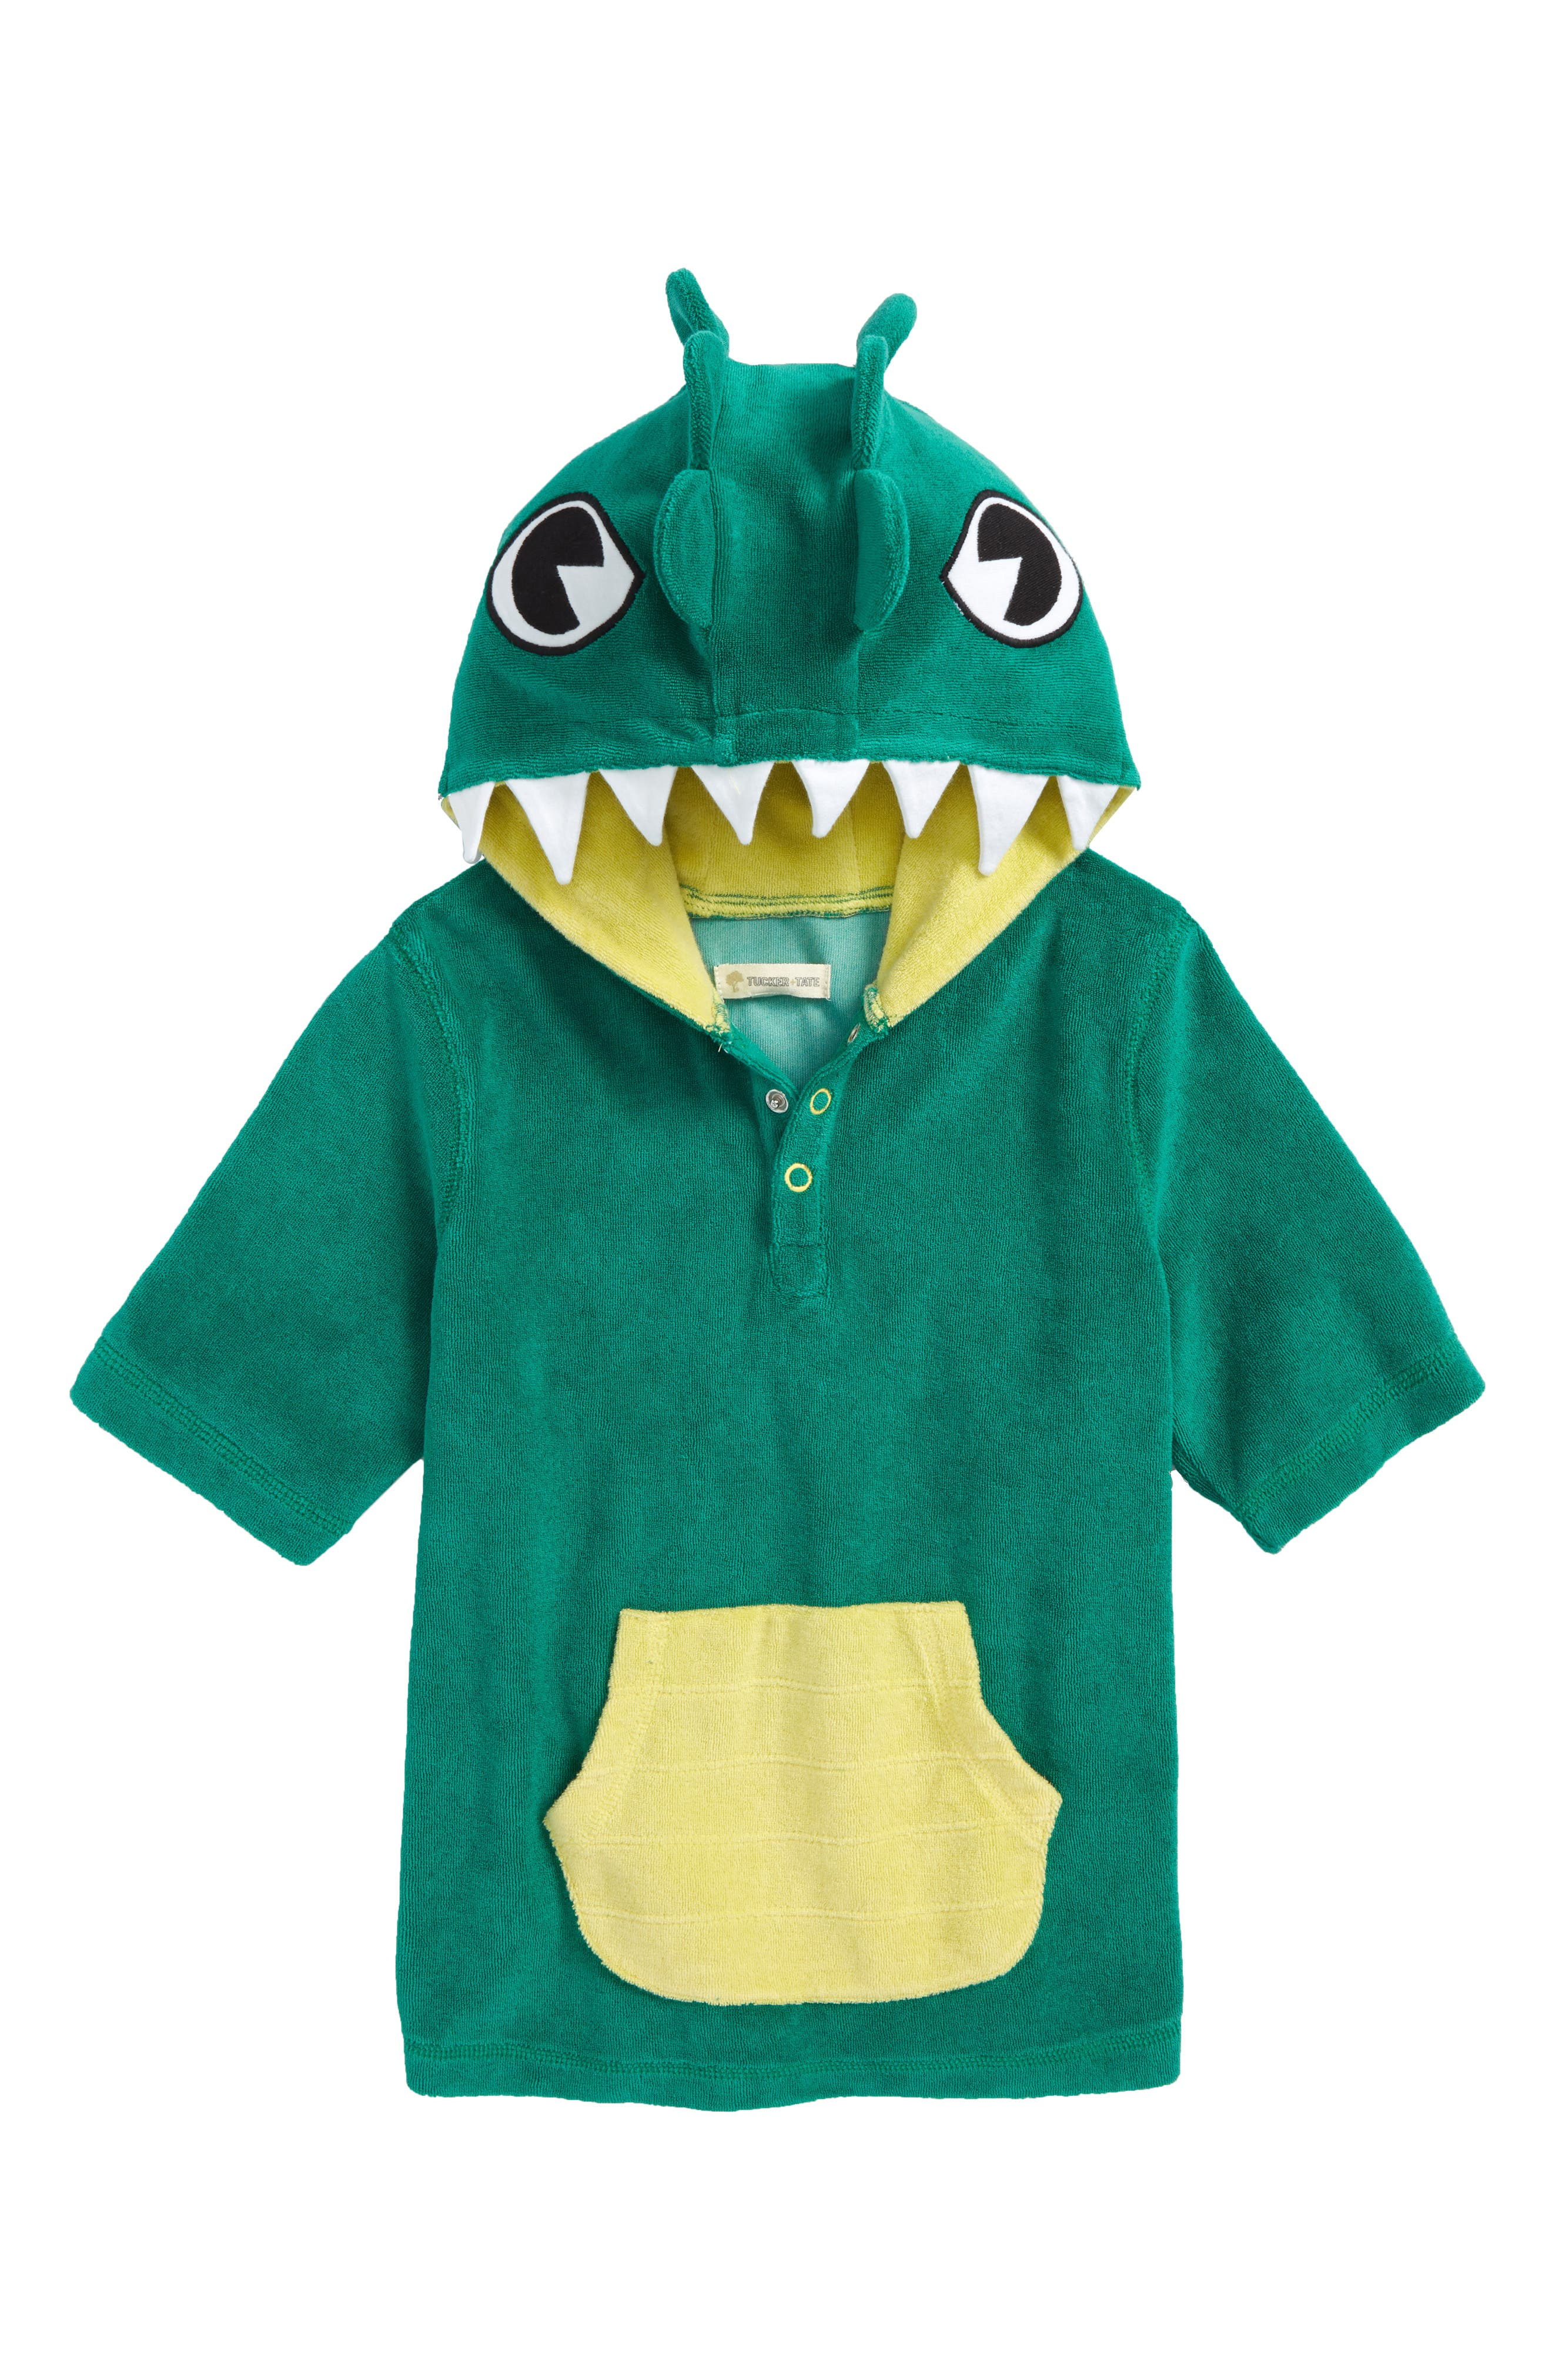 Green Lake Gator Towel Cover-Up,                             Main thumbnail 1, color,                             Green Lake Gator